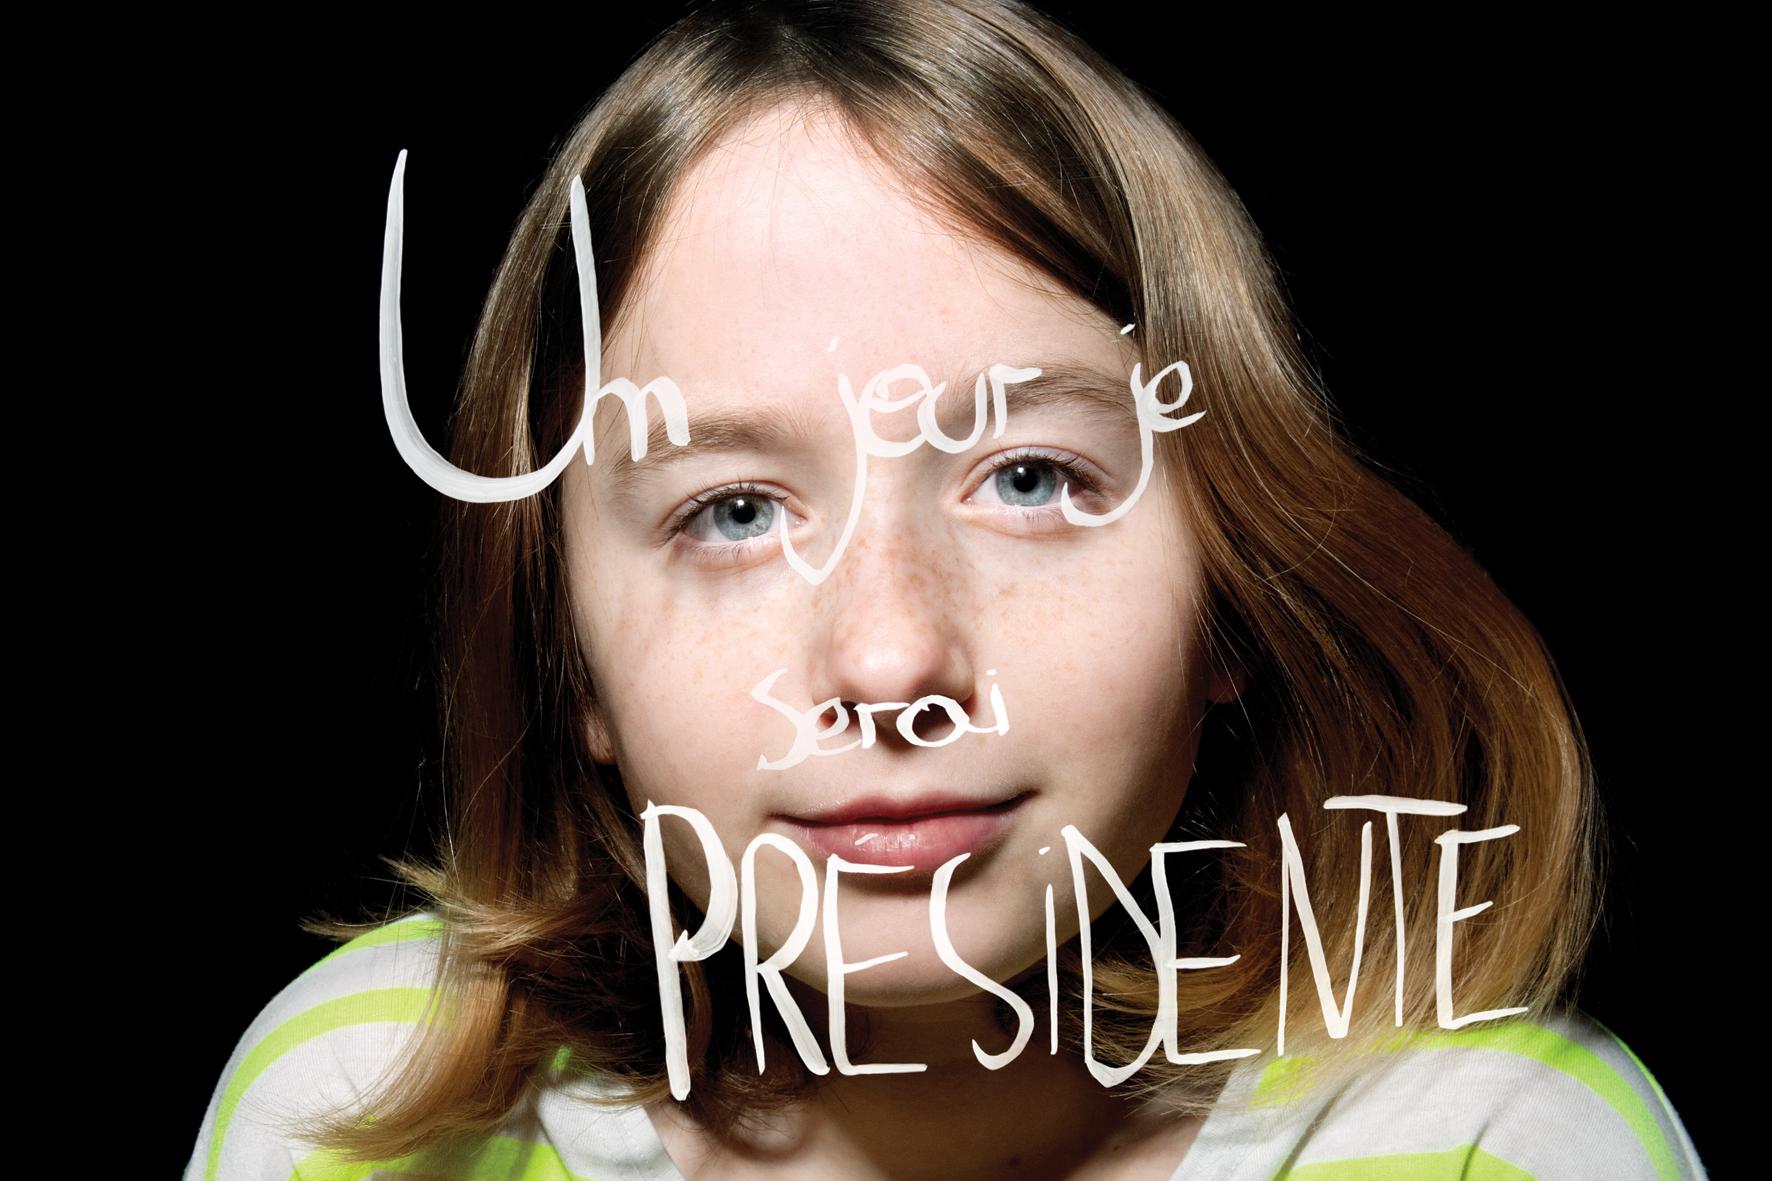 """Luli, """"Un jour serai présidente"""", les voeux de Luli pour Portrait-Parole. © PORTRAIT-PAROLE 2016."""